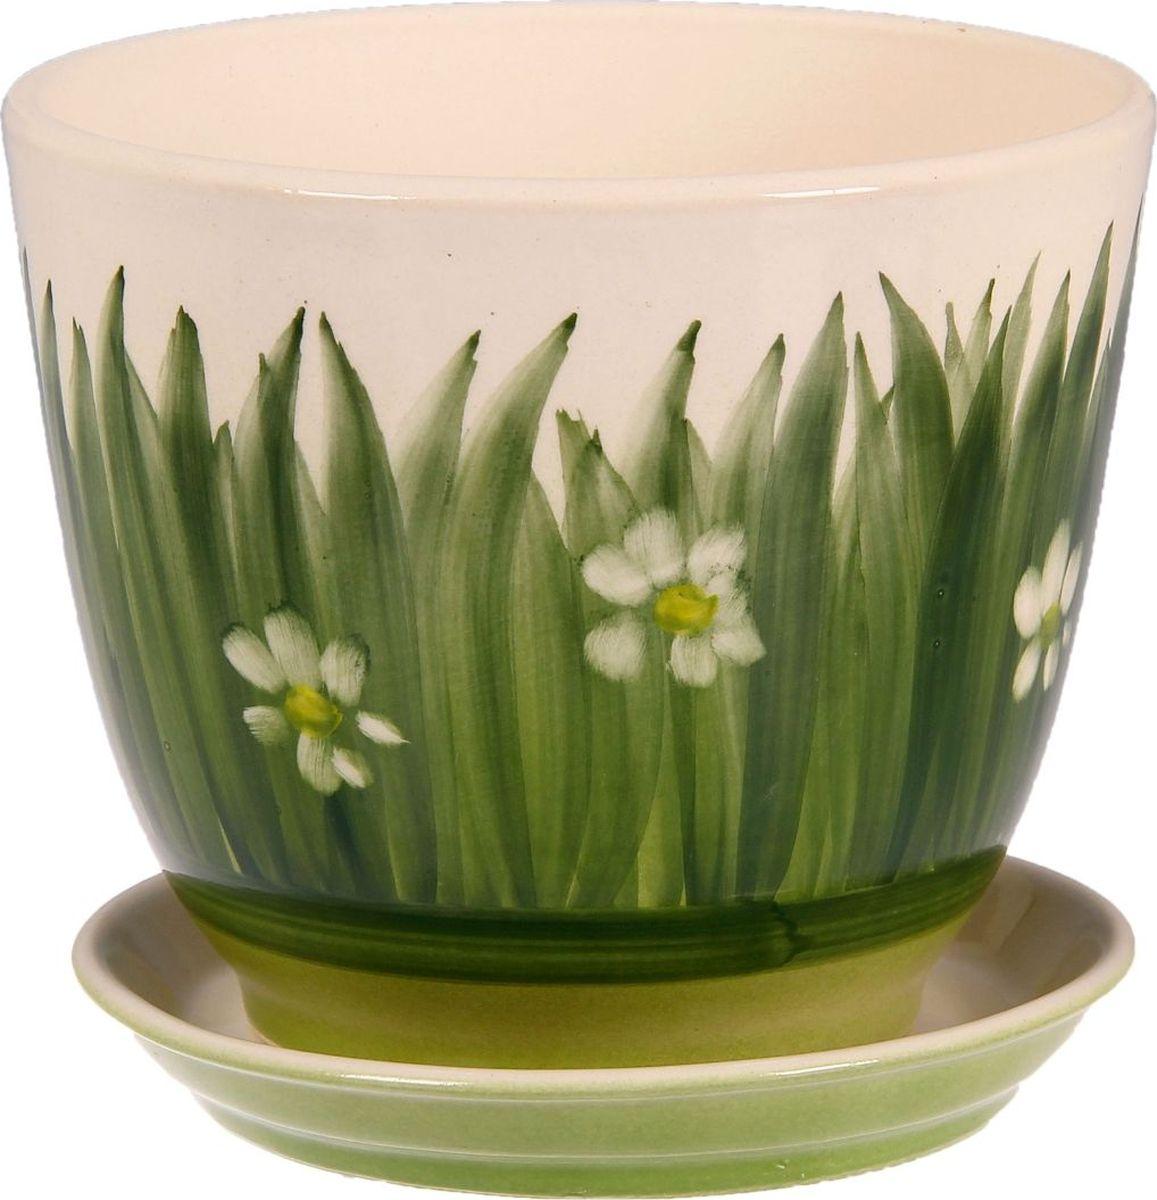 Кашпо Керамика ручной работы Кедр. Лужайка, цвет: зеленый, 2,2 л1099343Комнатные растения - всеобщие любимцы. Они радуют глаз, насыщают помещение кислородом и украшают пространство. Каждому из них необходим свой удобный и красивый дом. Кашпо из керамики прекрасно подходят для высадки растений:пористый материал позволяет испаряться лишней влаге;воздух, необходимый для дыхания корней, проникает сквозь керамические стенки. Кашпо Кедр. Лужайка позаботится о зеленом питомце, освежит интерьер и подчеркнет его стиль.